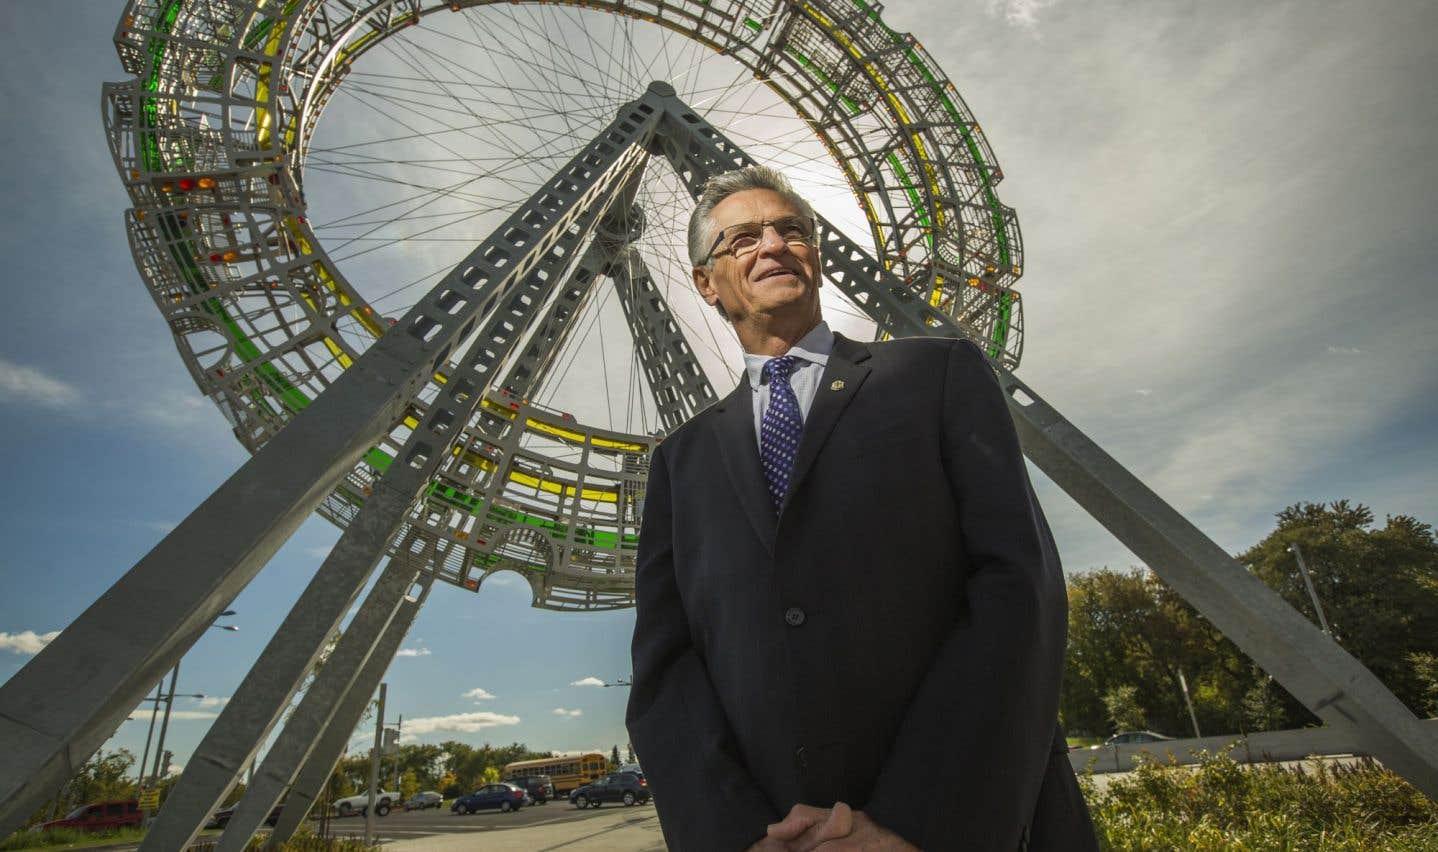 Le maire Gilles Deguire travaille d'arrache- pied pour transformer en profondeur son arrondissement.